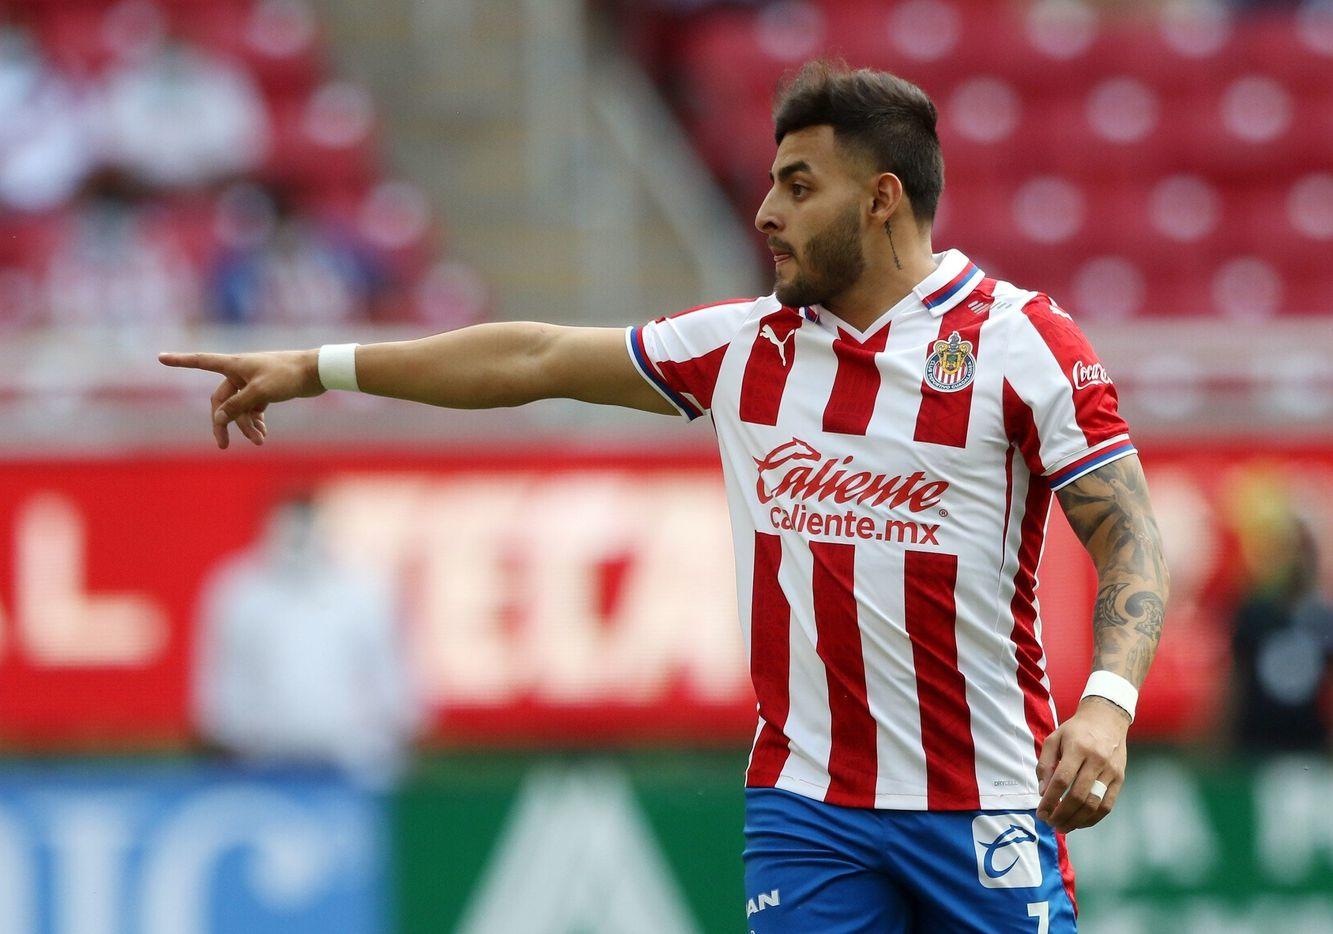 El delantero de Chivas, Alexis Vega, hace responsable a los jugadores por el mal paso del club.